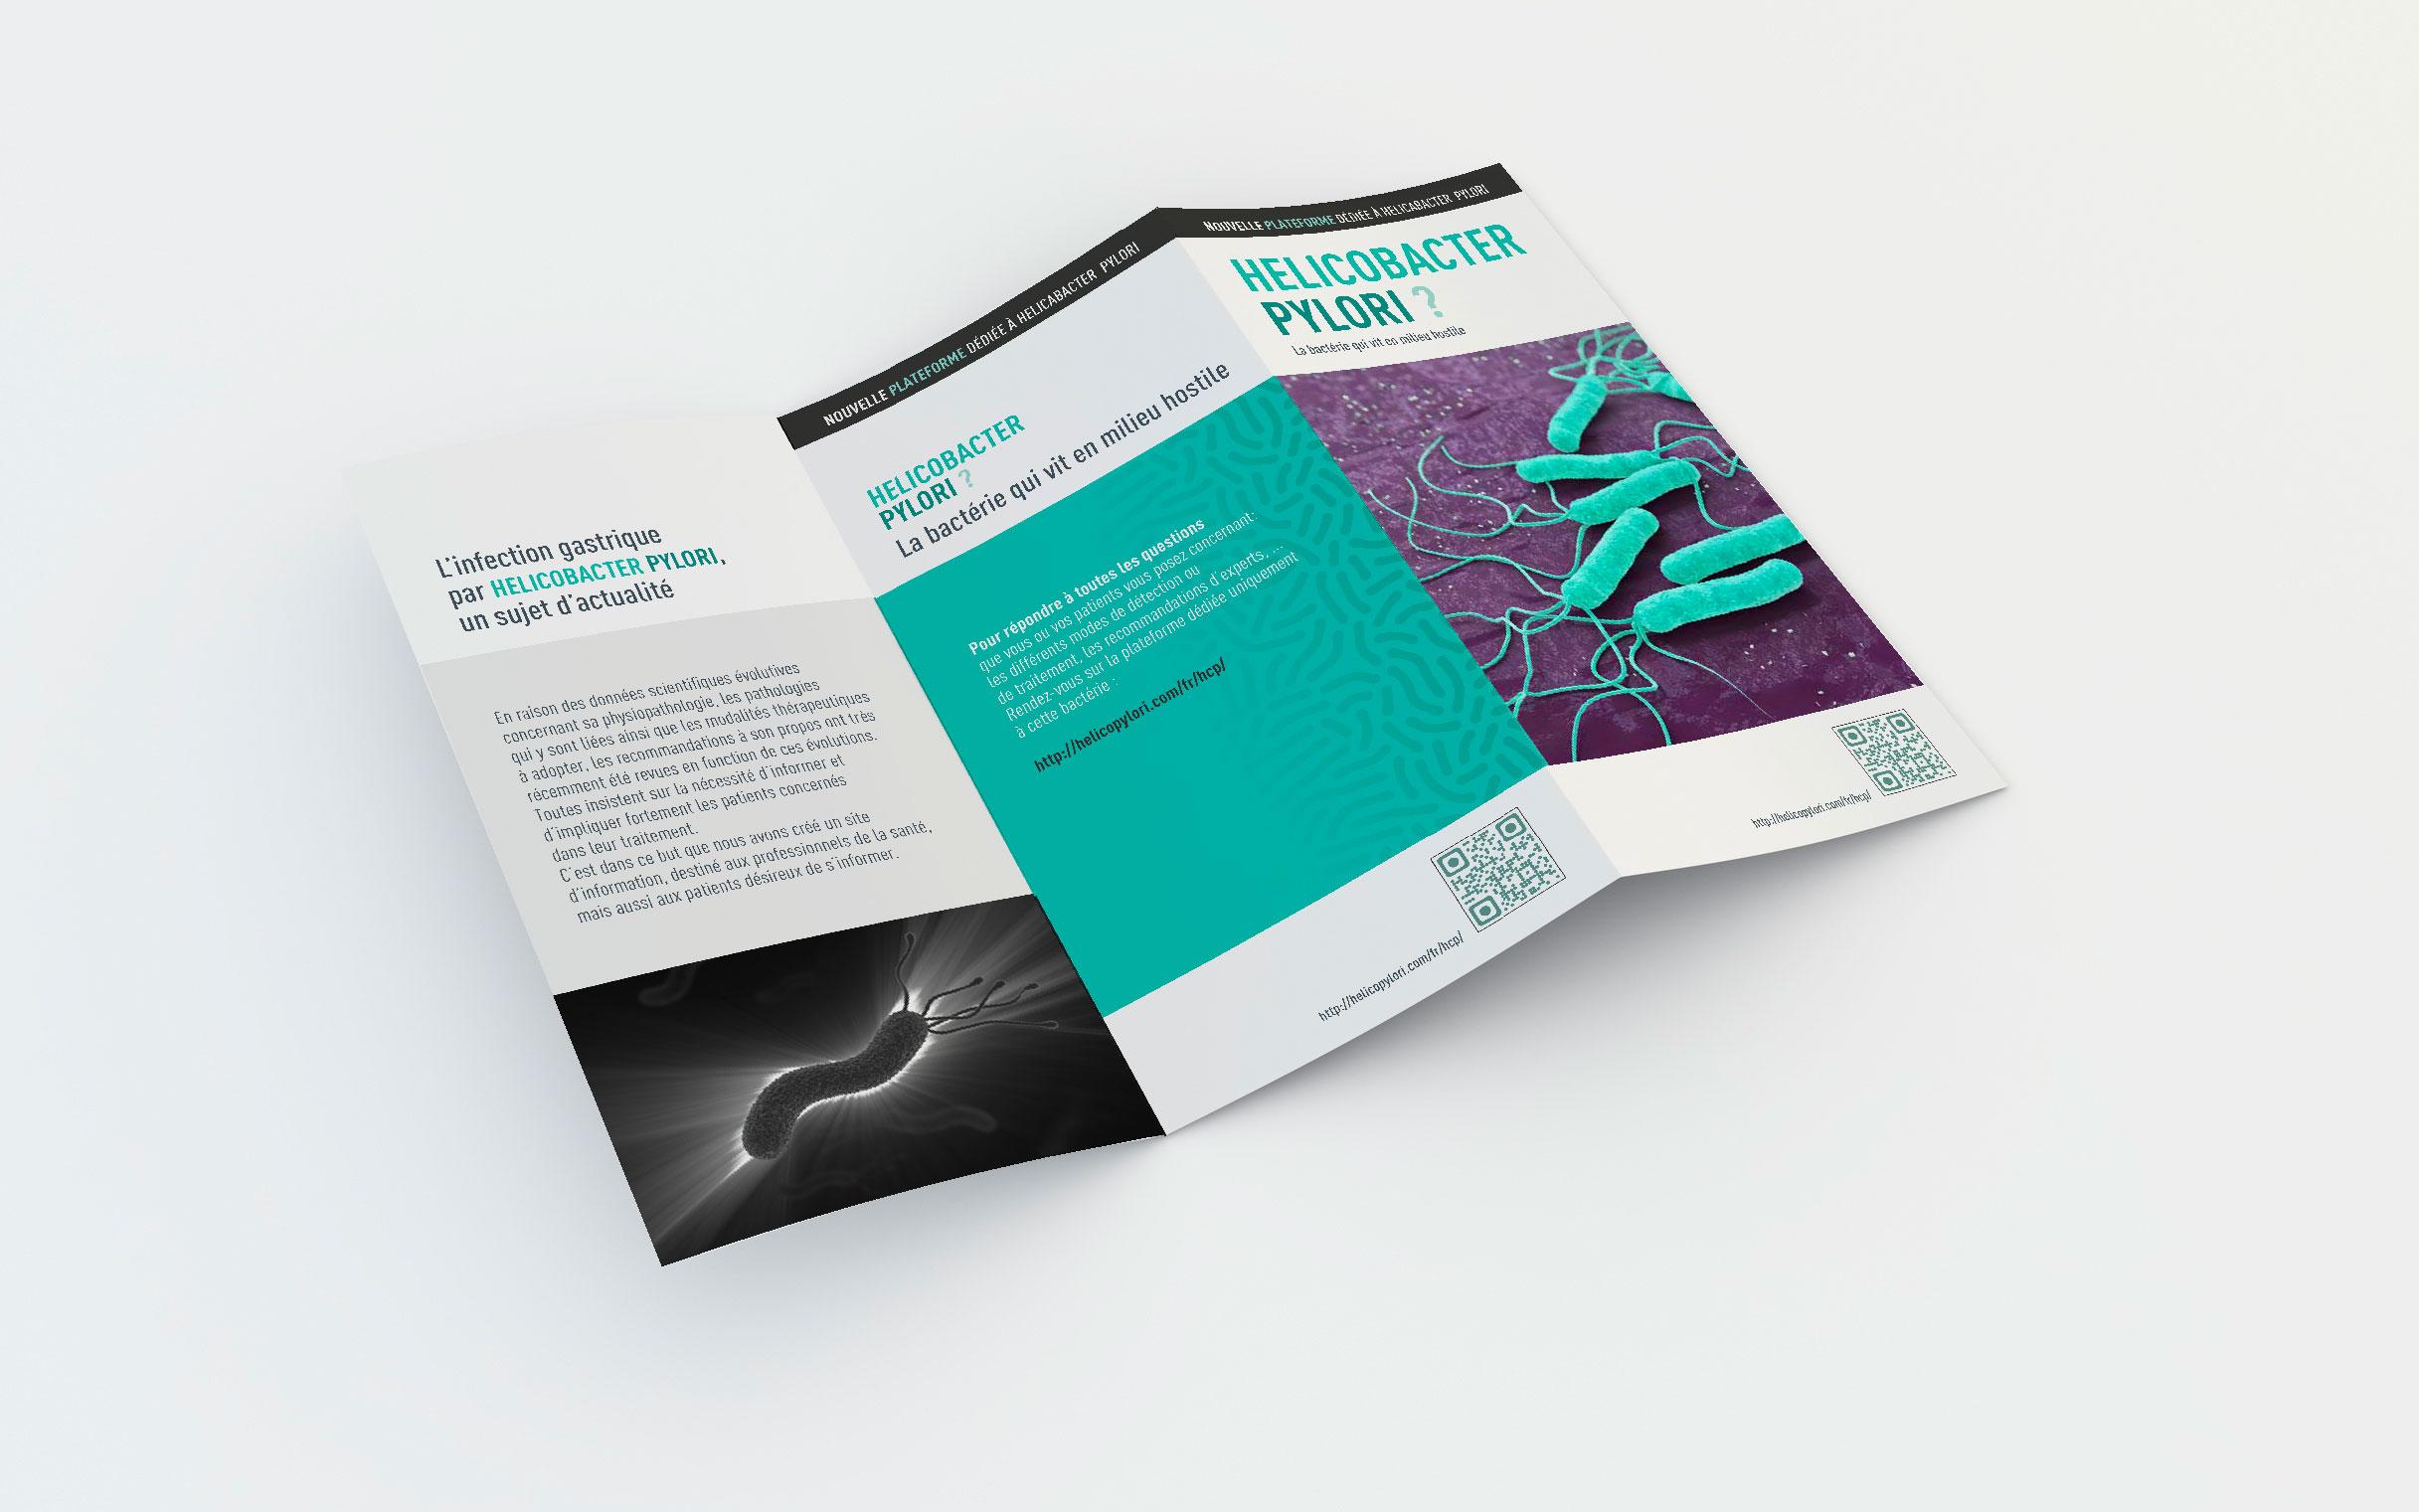 helico_brochure